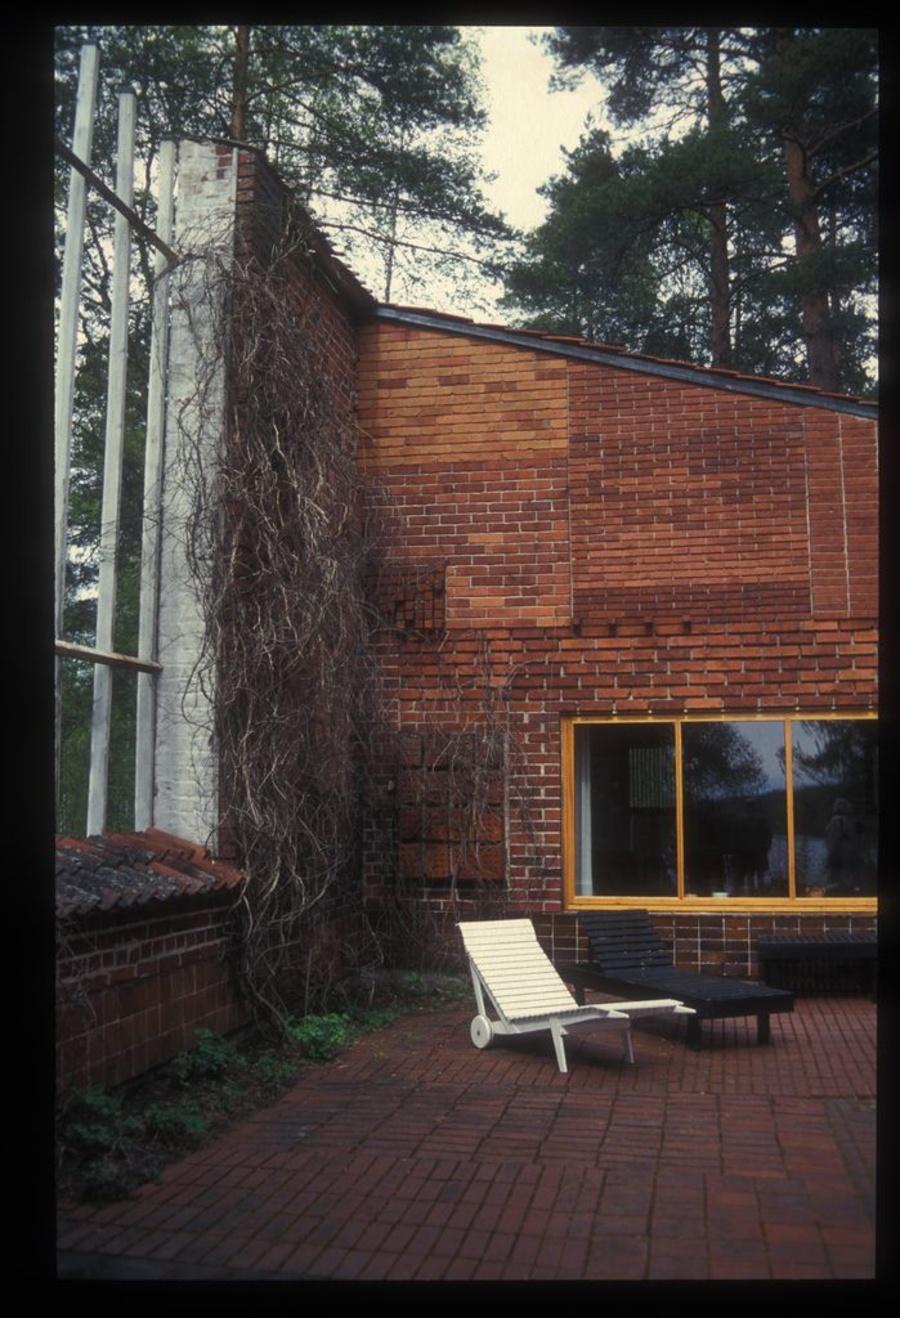 La casa Muuratsalo de Alto: experimentando el uso del ladrillo